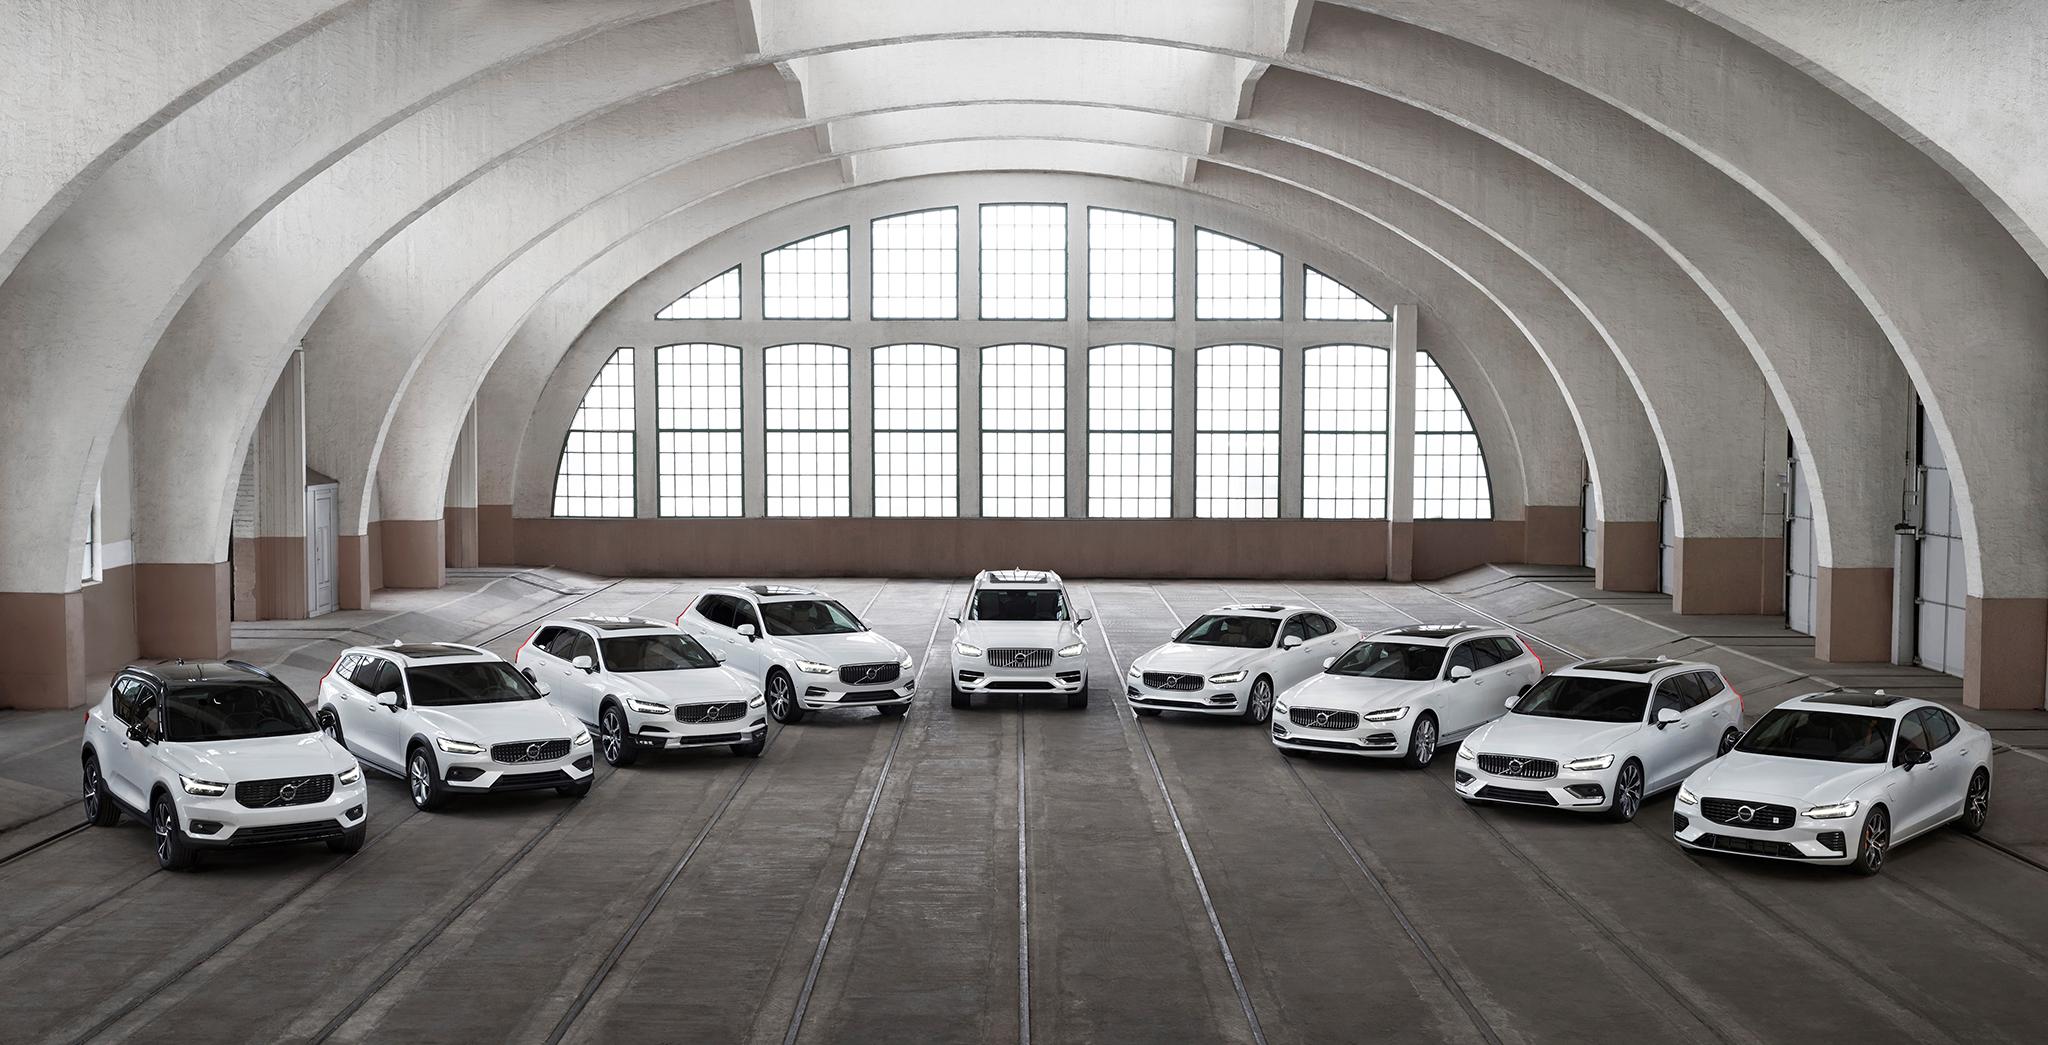 Doanh số Volvo giảm 18,2% trong quý I năm 2020